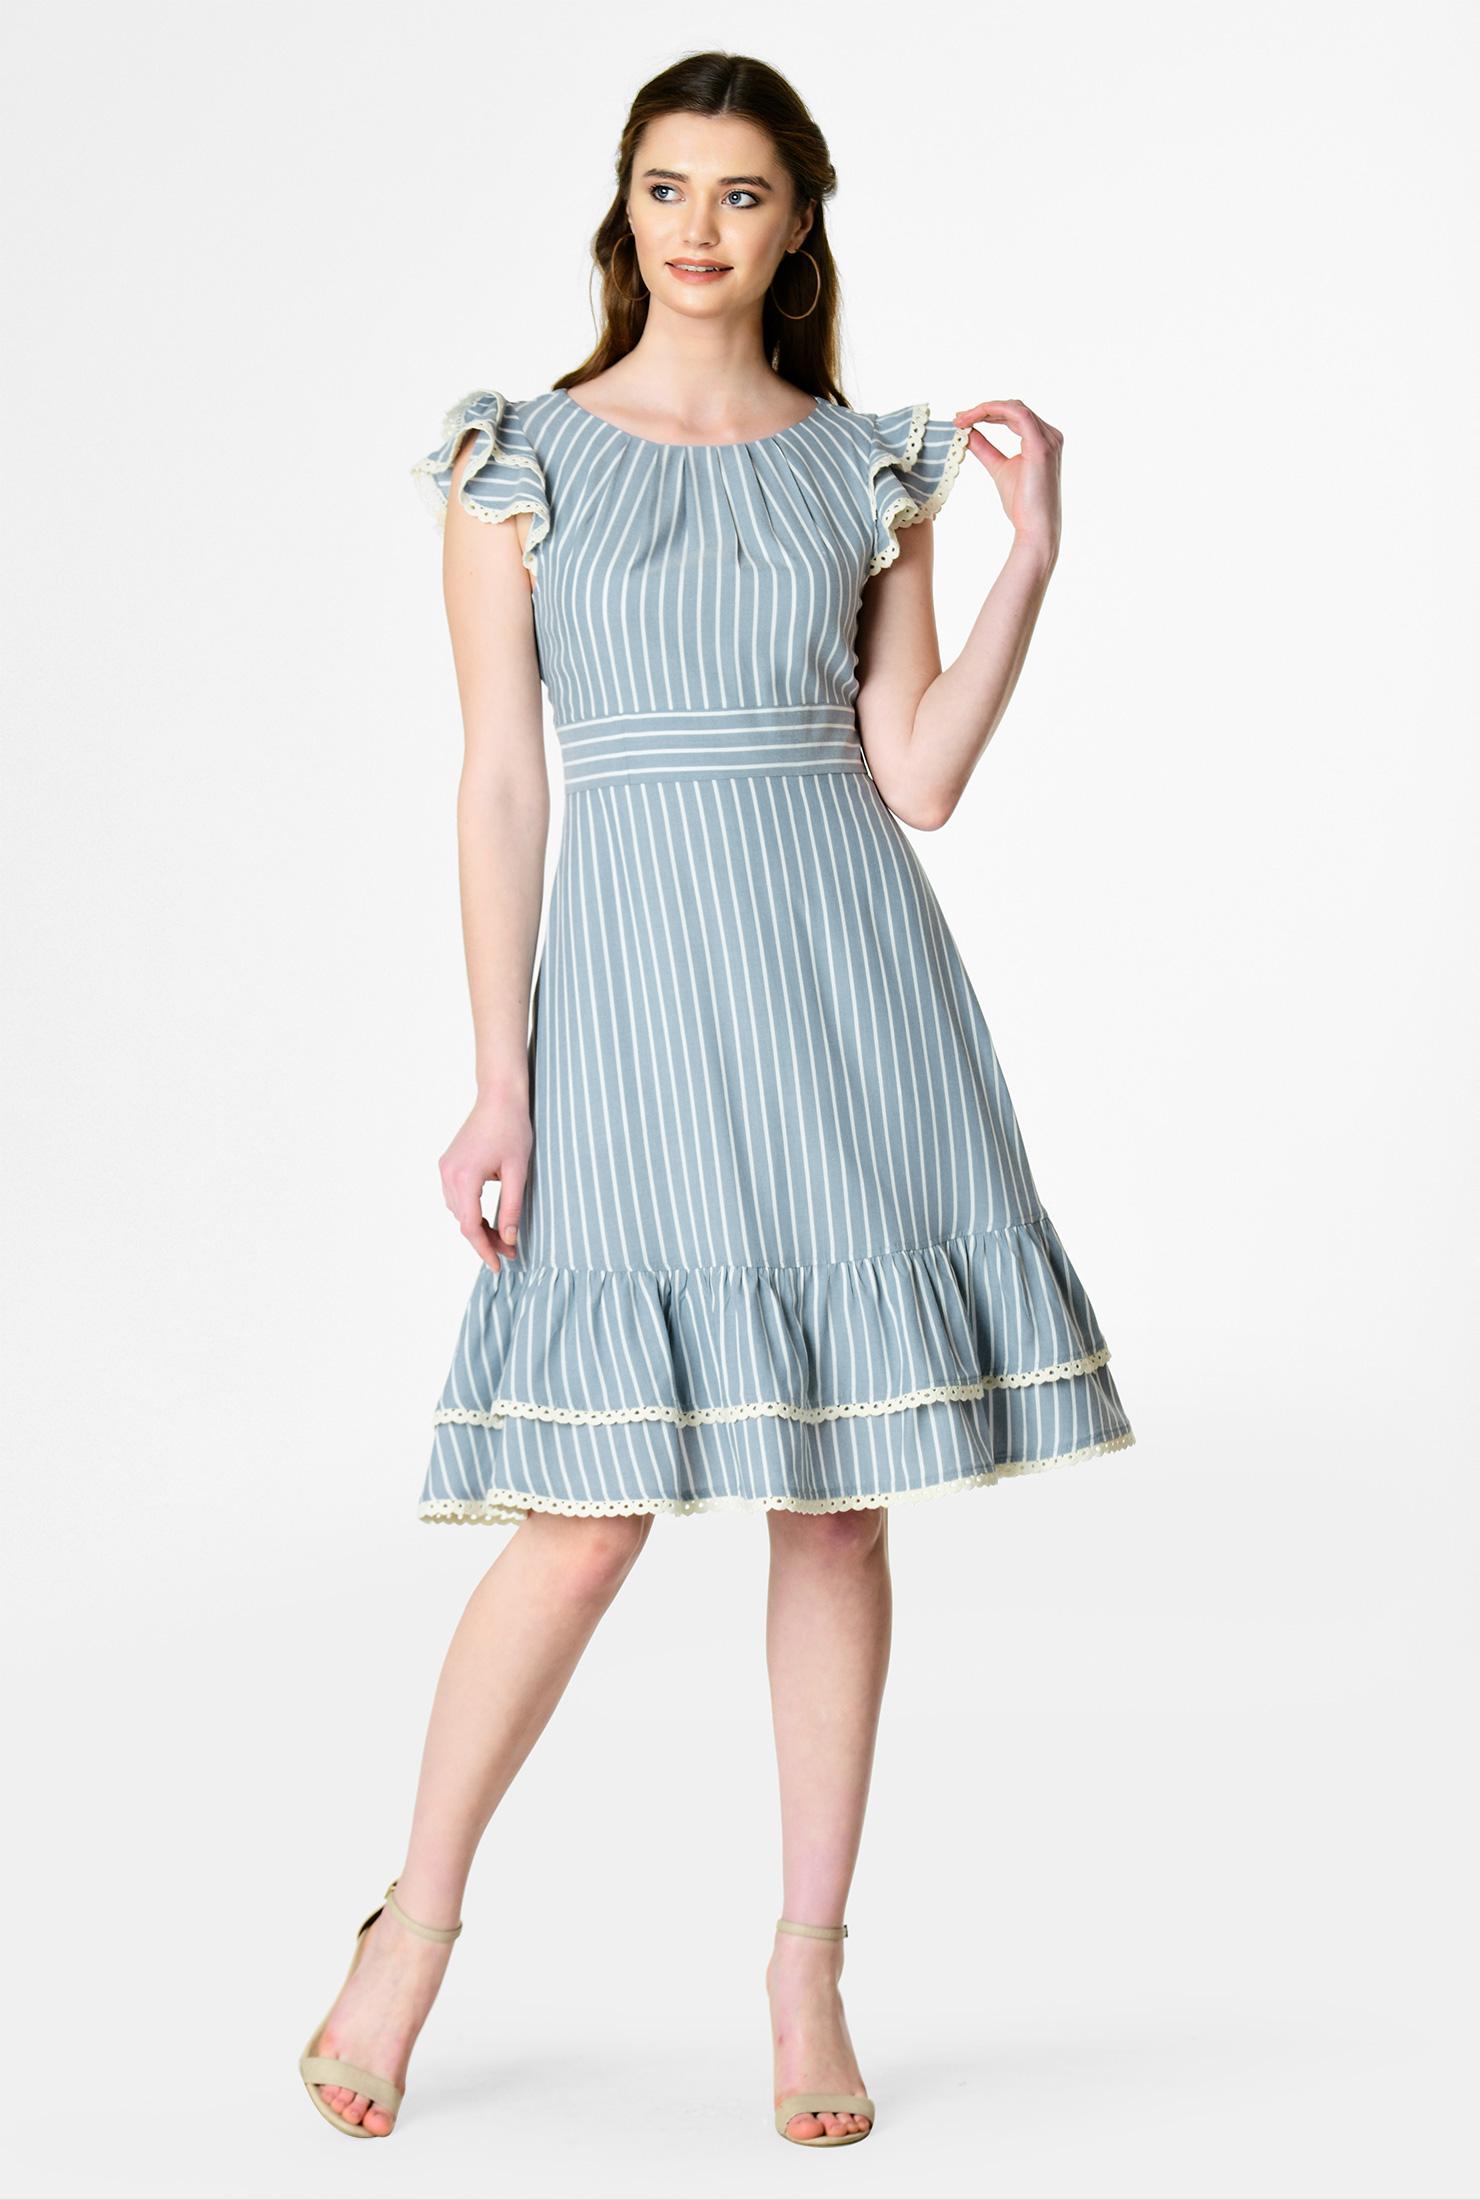 629add0ce7a3 Women s Fashion Clothing 0-36W and Custom